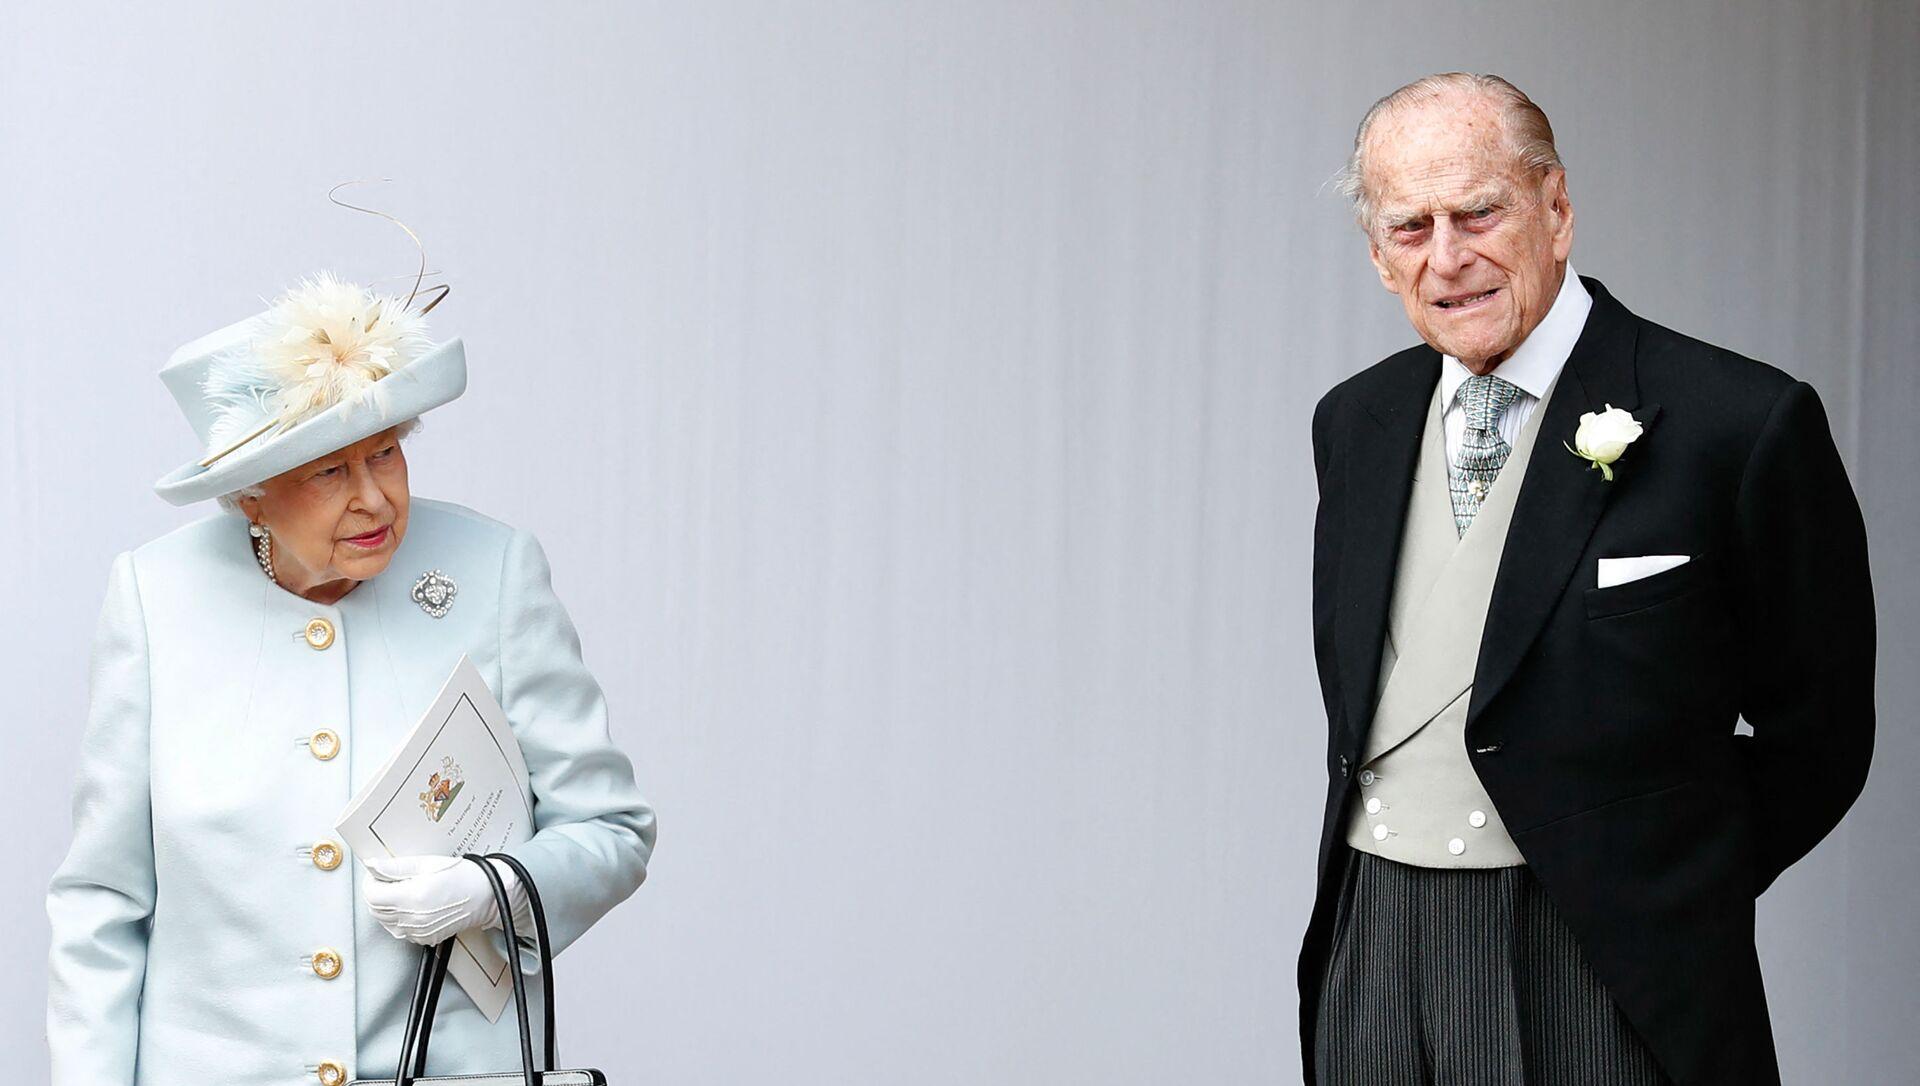 Kraliçe Elizabeth - Prens Philip - Sputnik Türkiye, 1920, 09.04.2021